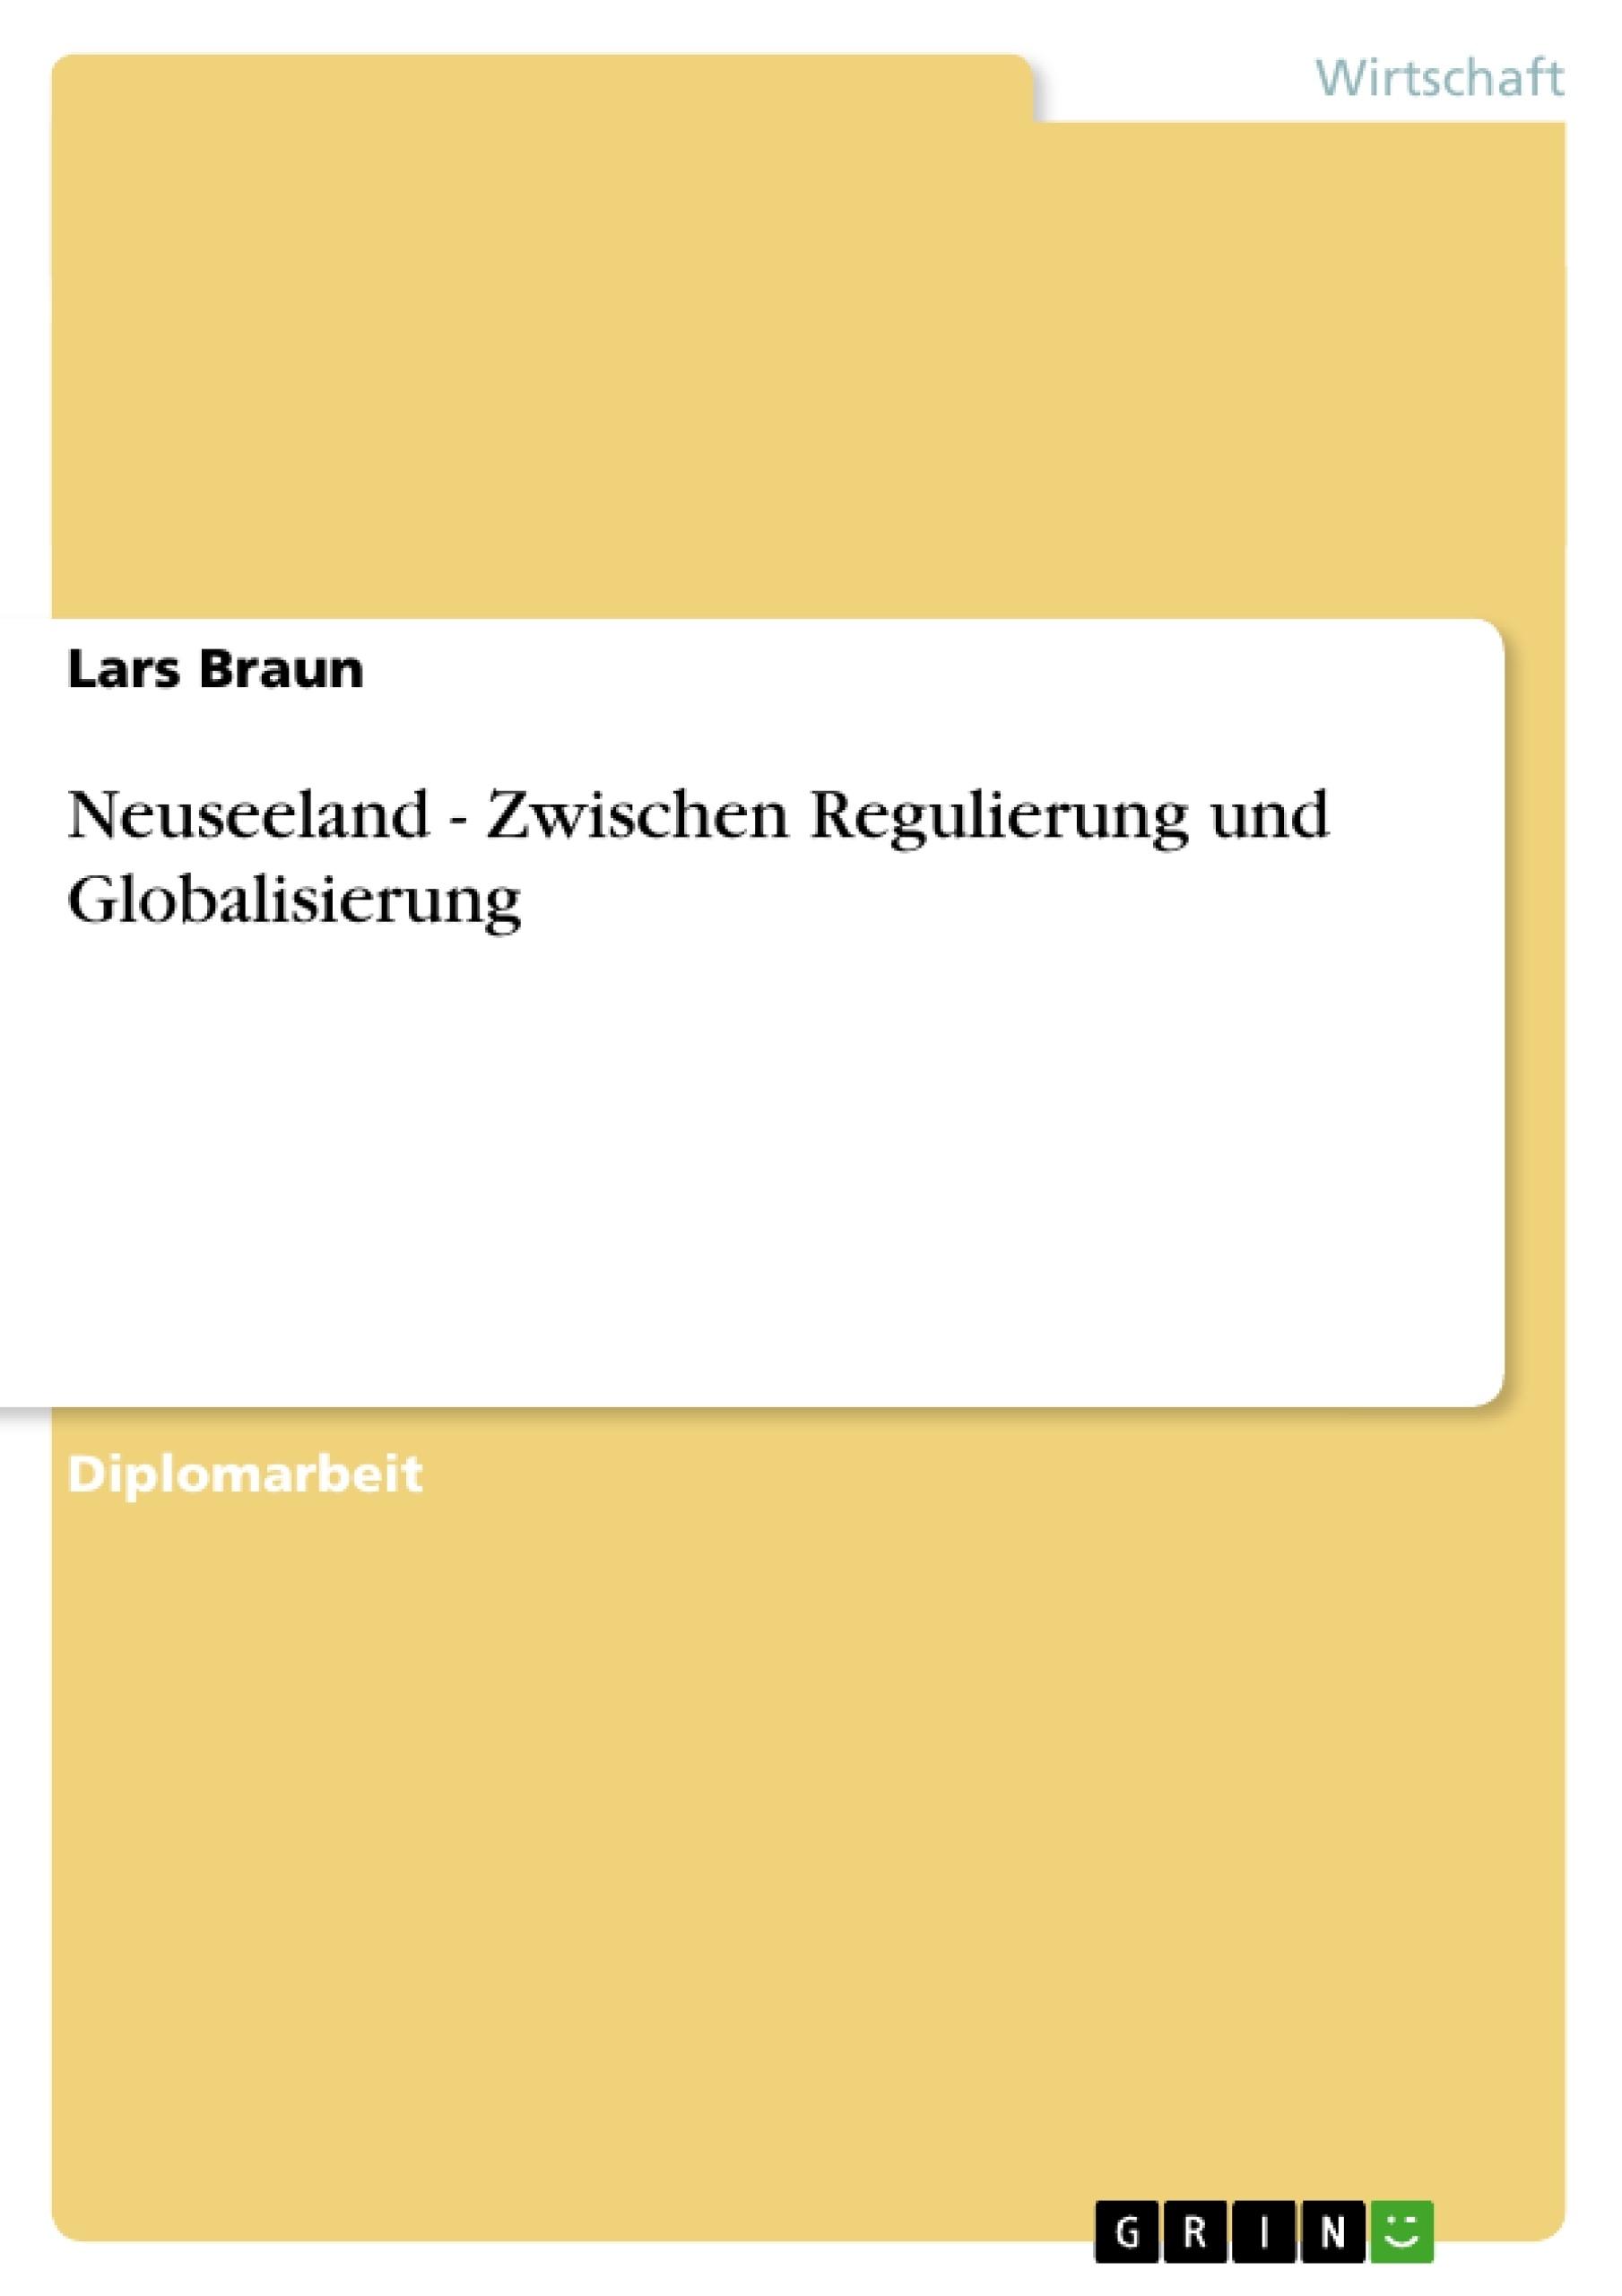 Titel: Neuseeland - Zwischen Regulierung und Globalisierung